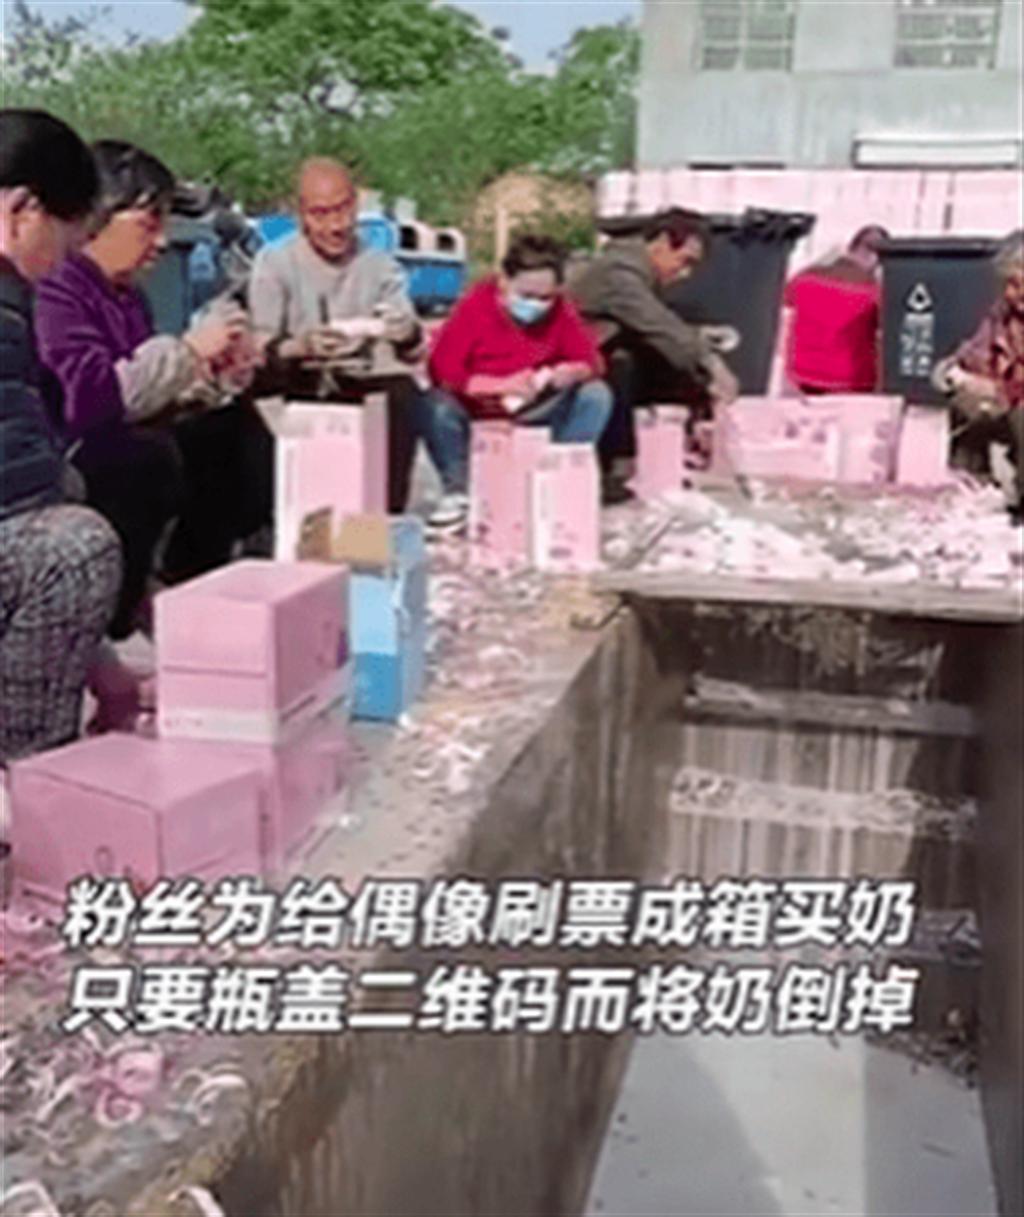 「倒奶事件」源於4月29日一段被曝光的影片,一箱箱的牛奶被人倒入水溝。(取自影片截圖)